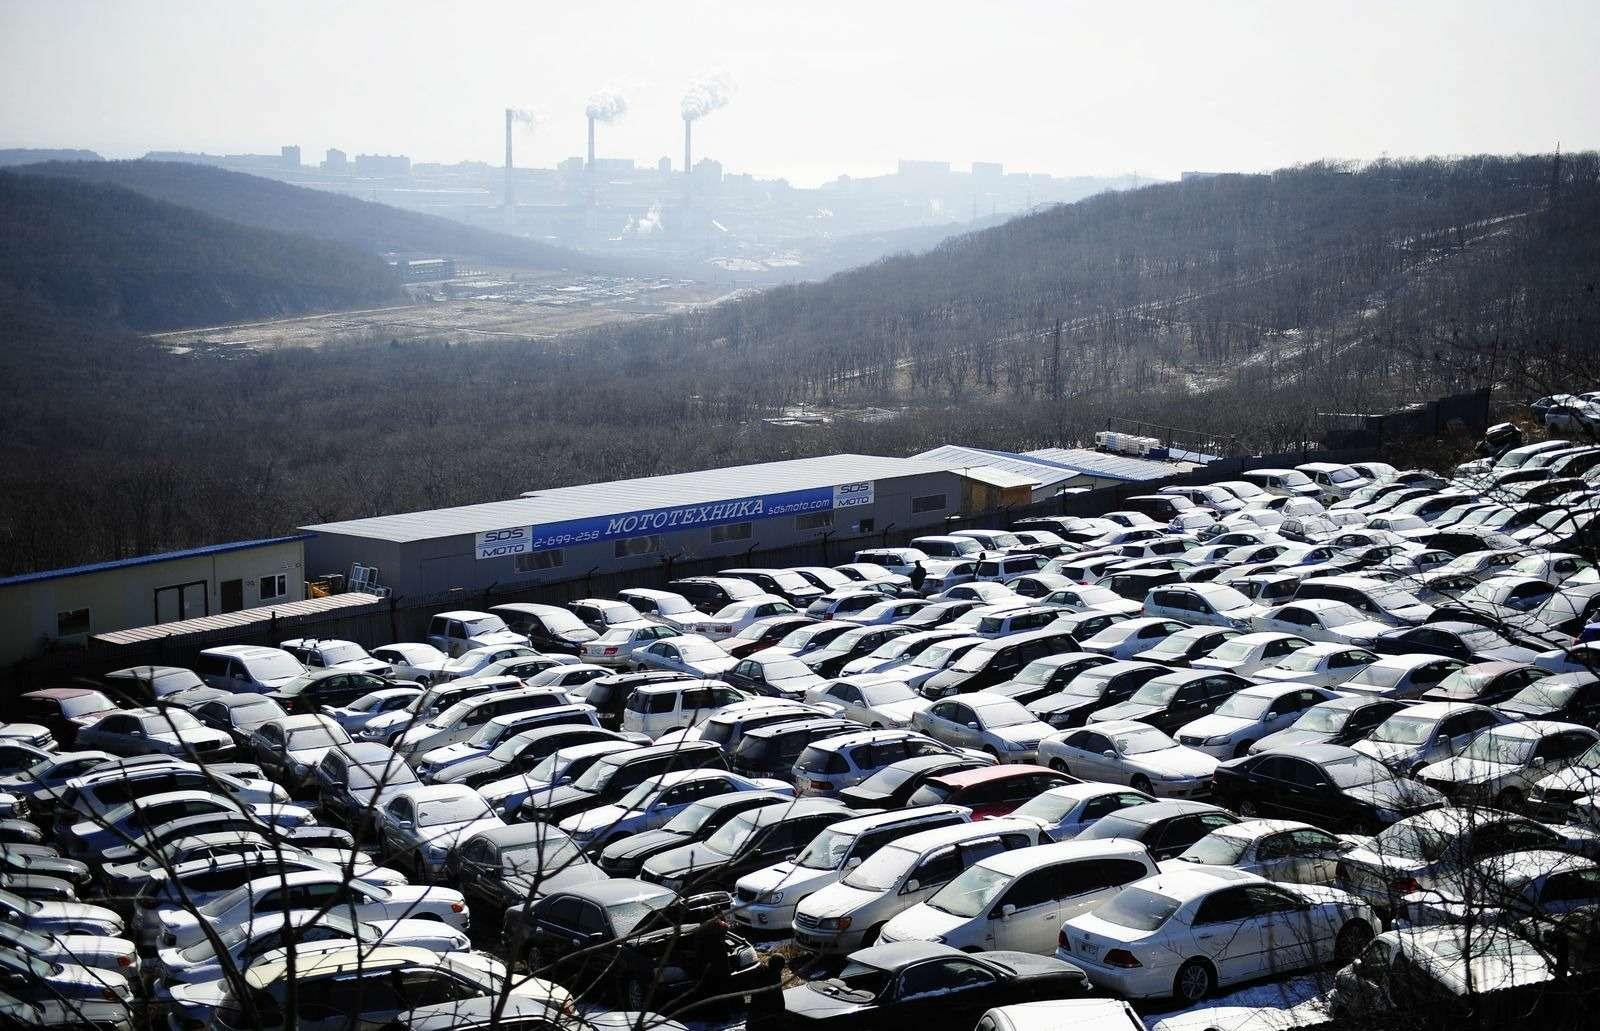 Перепродажи подержанных автомобилей снизились вслед зарынком новых машин— фото 371201